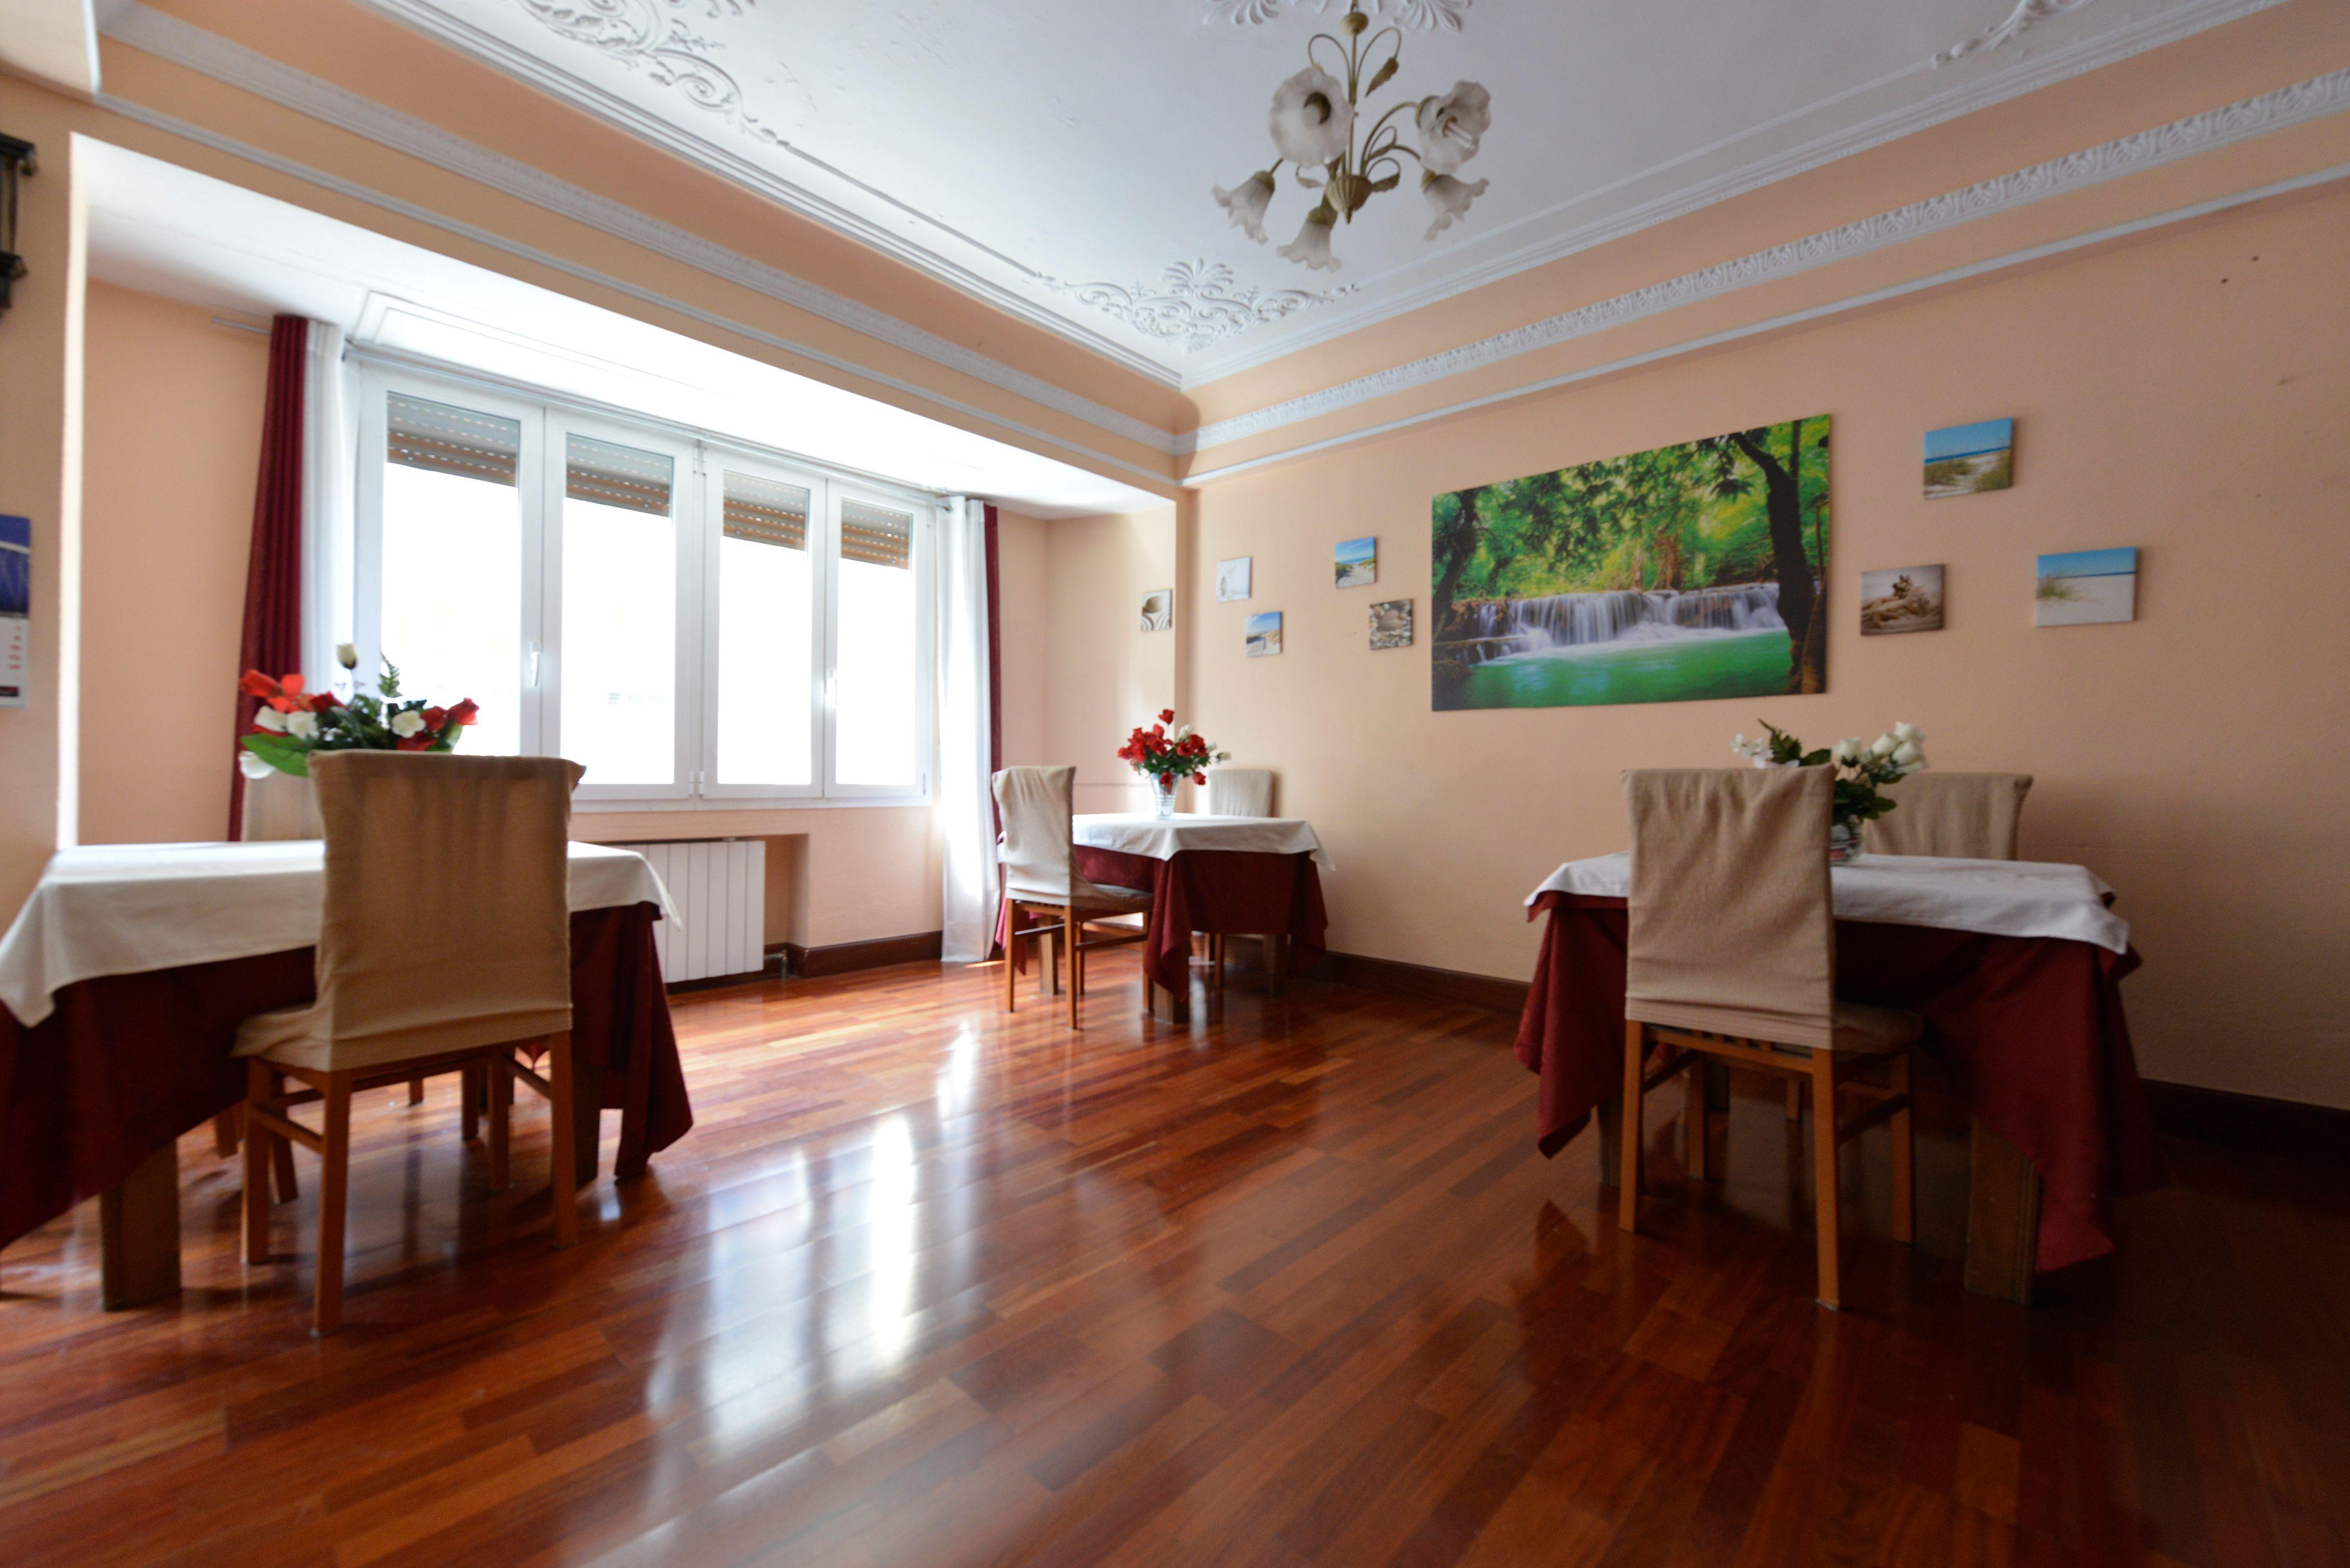 En Residencia Garai apostamos por el ambiente familiar y agradable